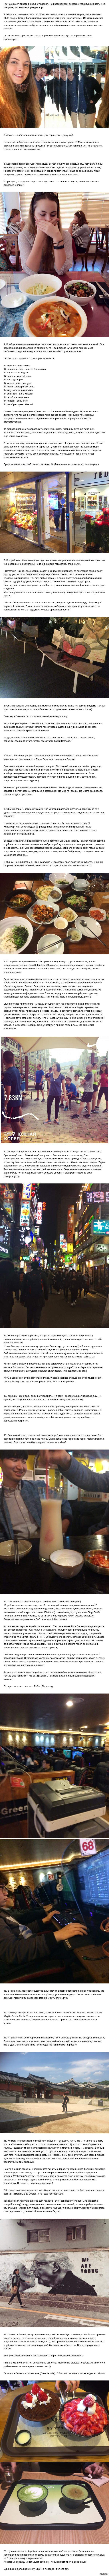 20 наблюдений за корейскими парнями и девушками Мои личные и очень субъективные суждения :)